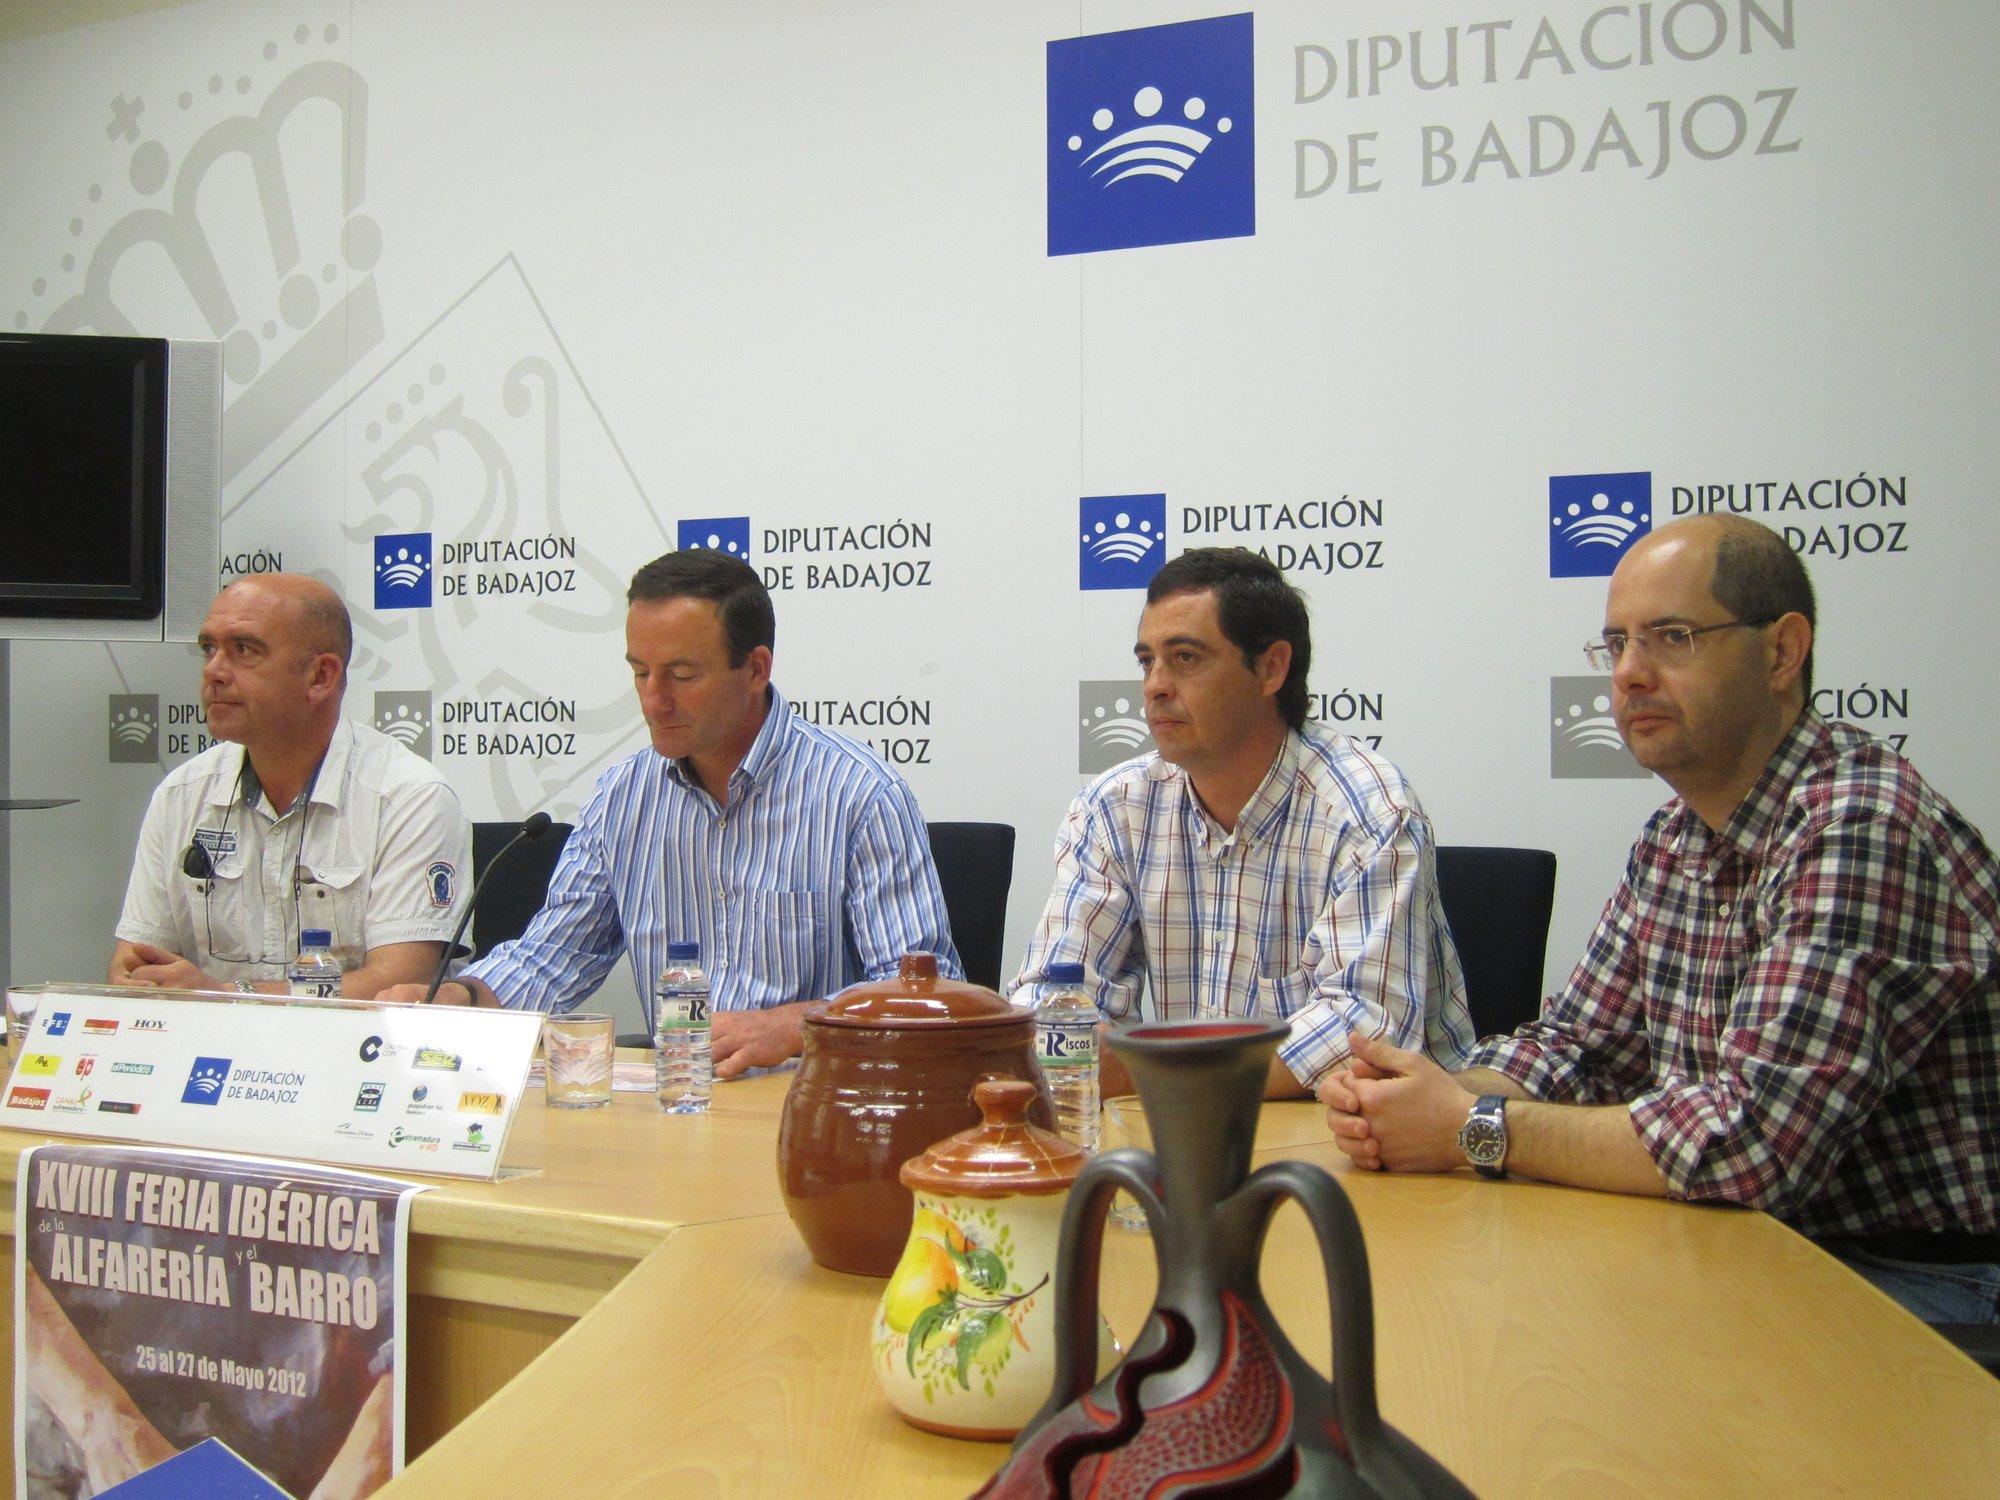 Un botijo de 4,5 metros de altura se expondrá en la XVIII Feria de la Alfarería de Salvatierra (Badajoz)